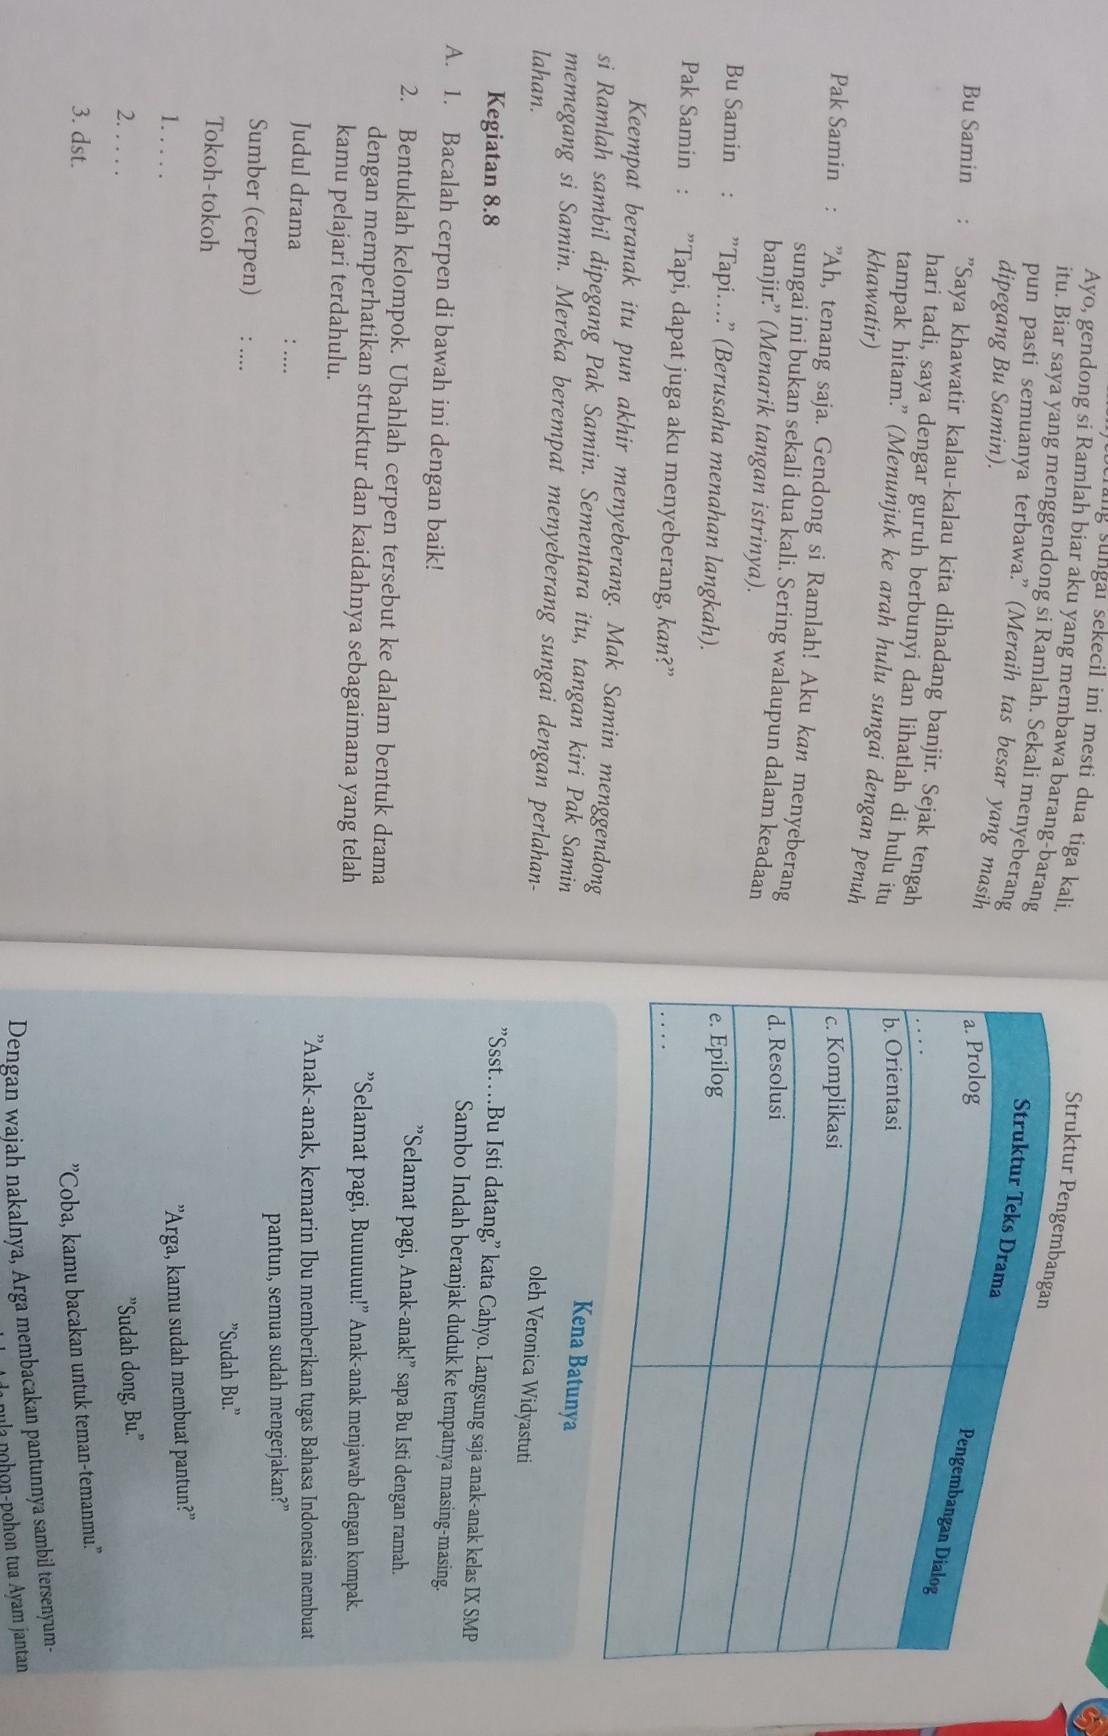 Kegiatan 8.8 Bahasa Indonesia Kelas 8 Halaman 224 : kegiatan, bahasa, indonesia, kelas, halaman, Struktur, Drama, Batunya, Bersama